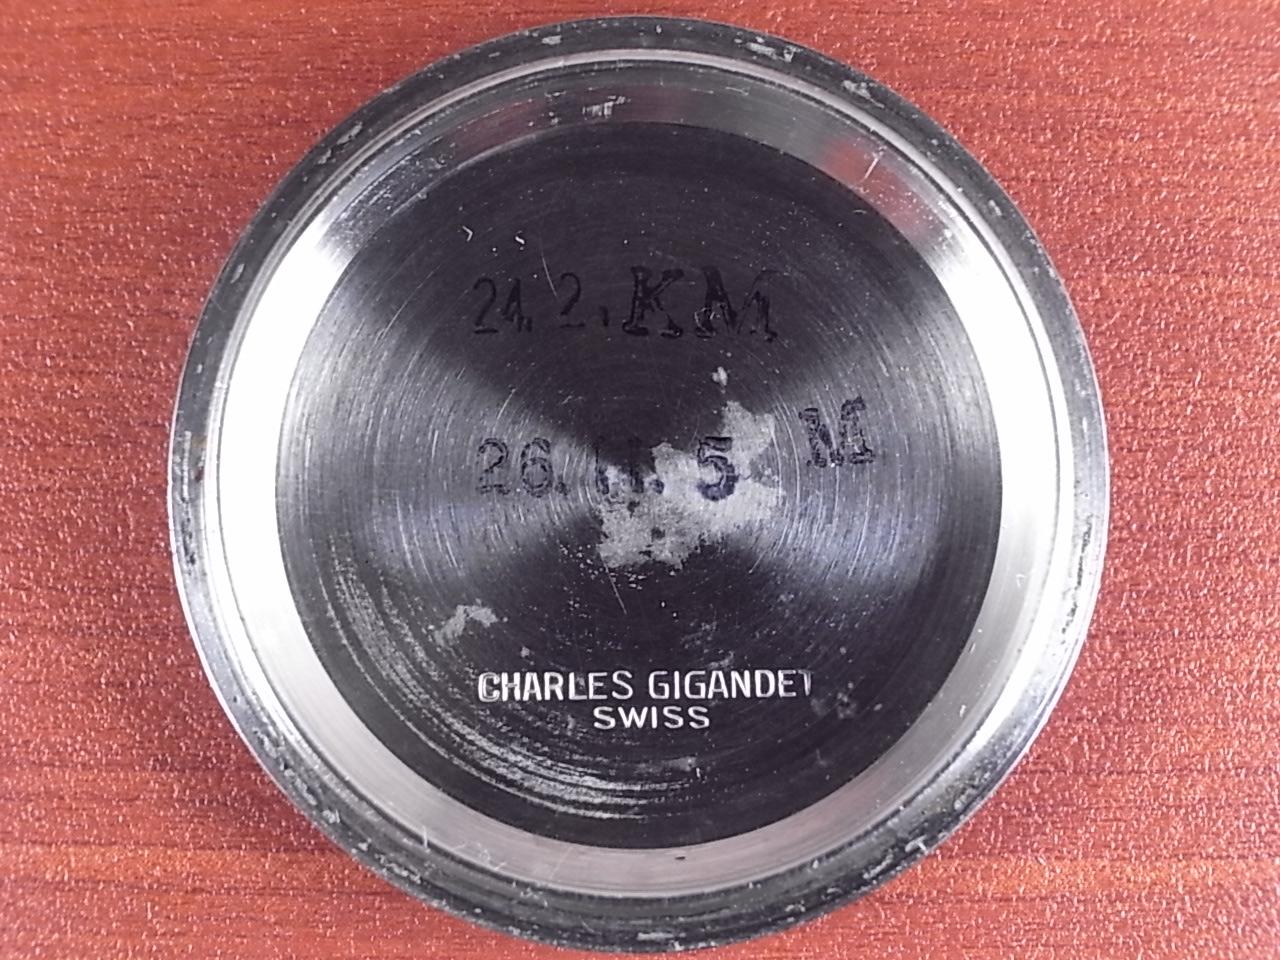 レストン ダイバークロノグラフ バルジュー7733 1970年代の写真6枚目